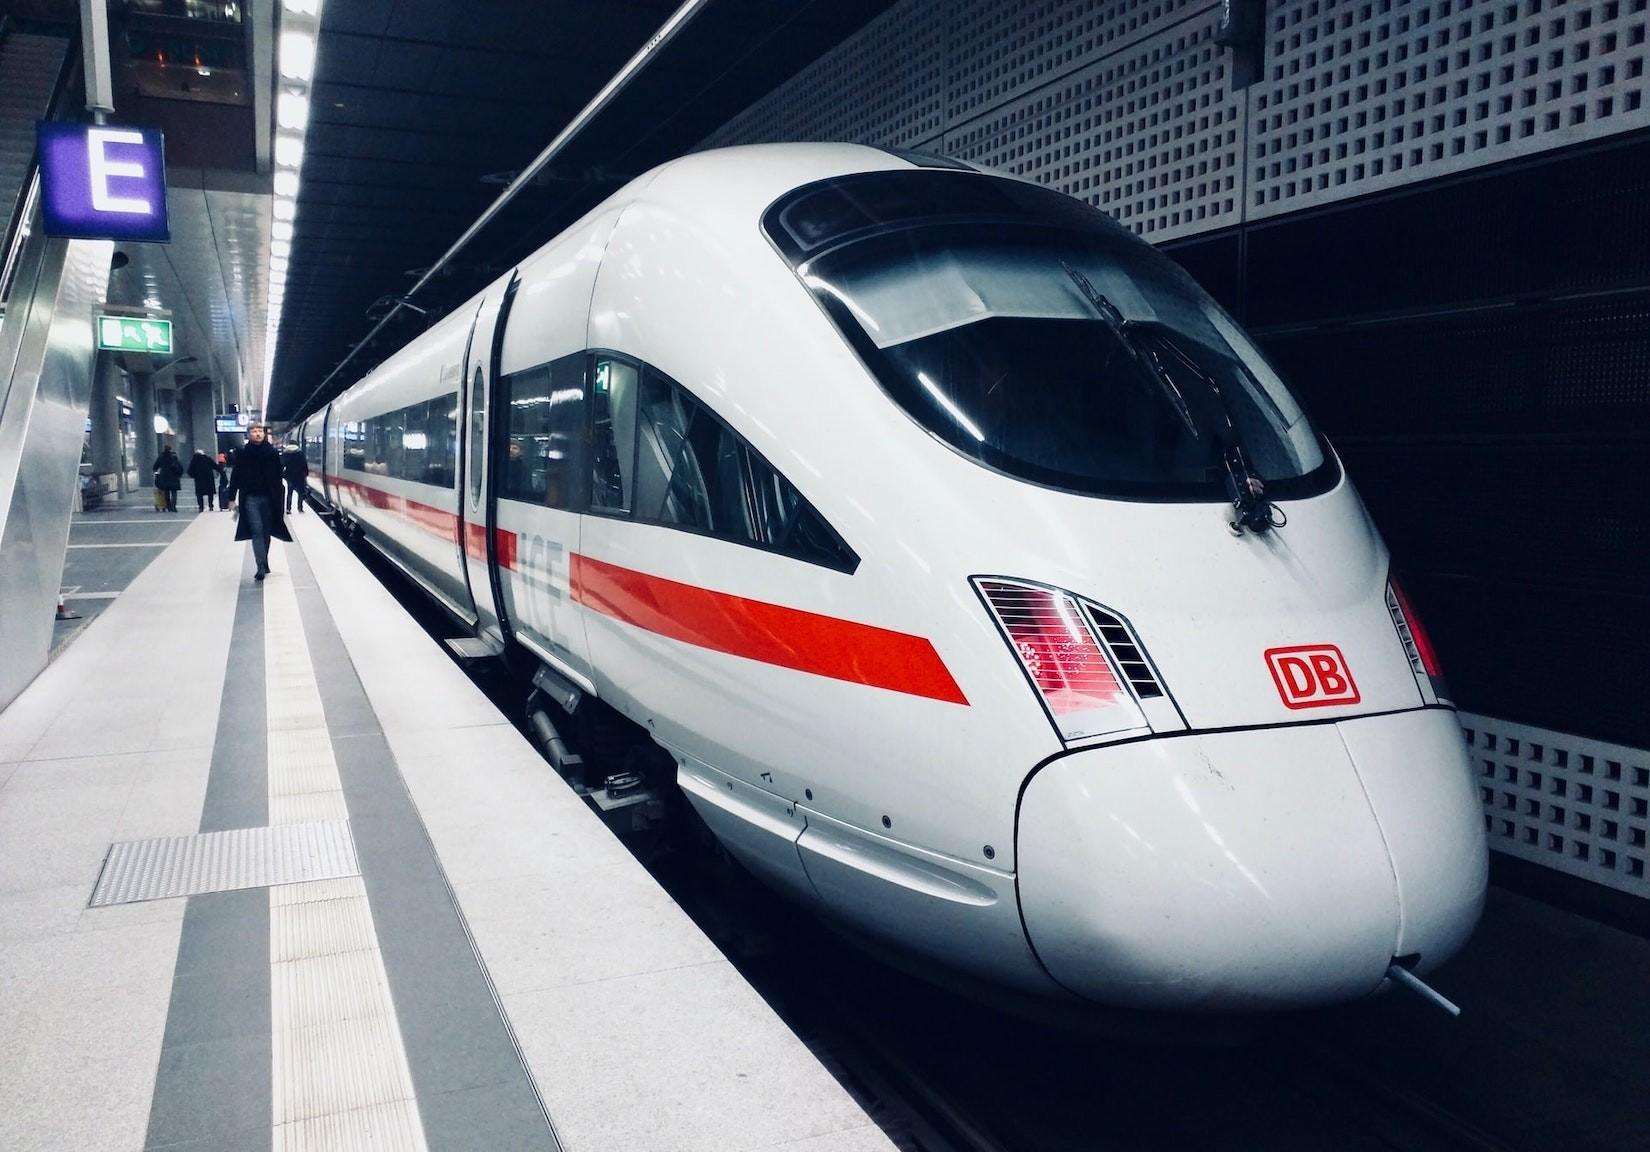 Service-Hotline der Bahn bei Verspätungen: Darf die Bahn Geld dafür verlangen?